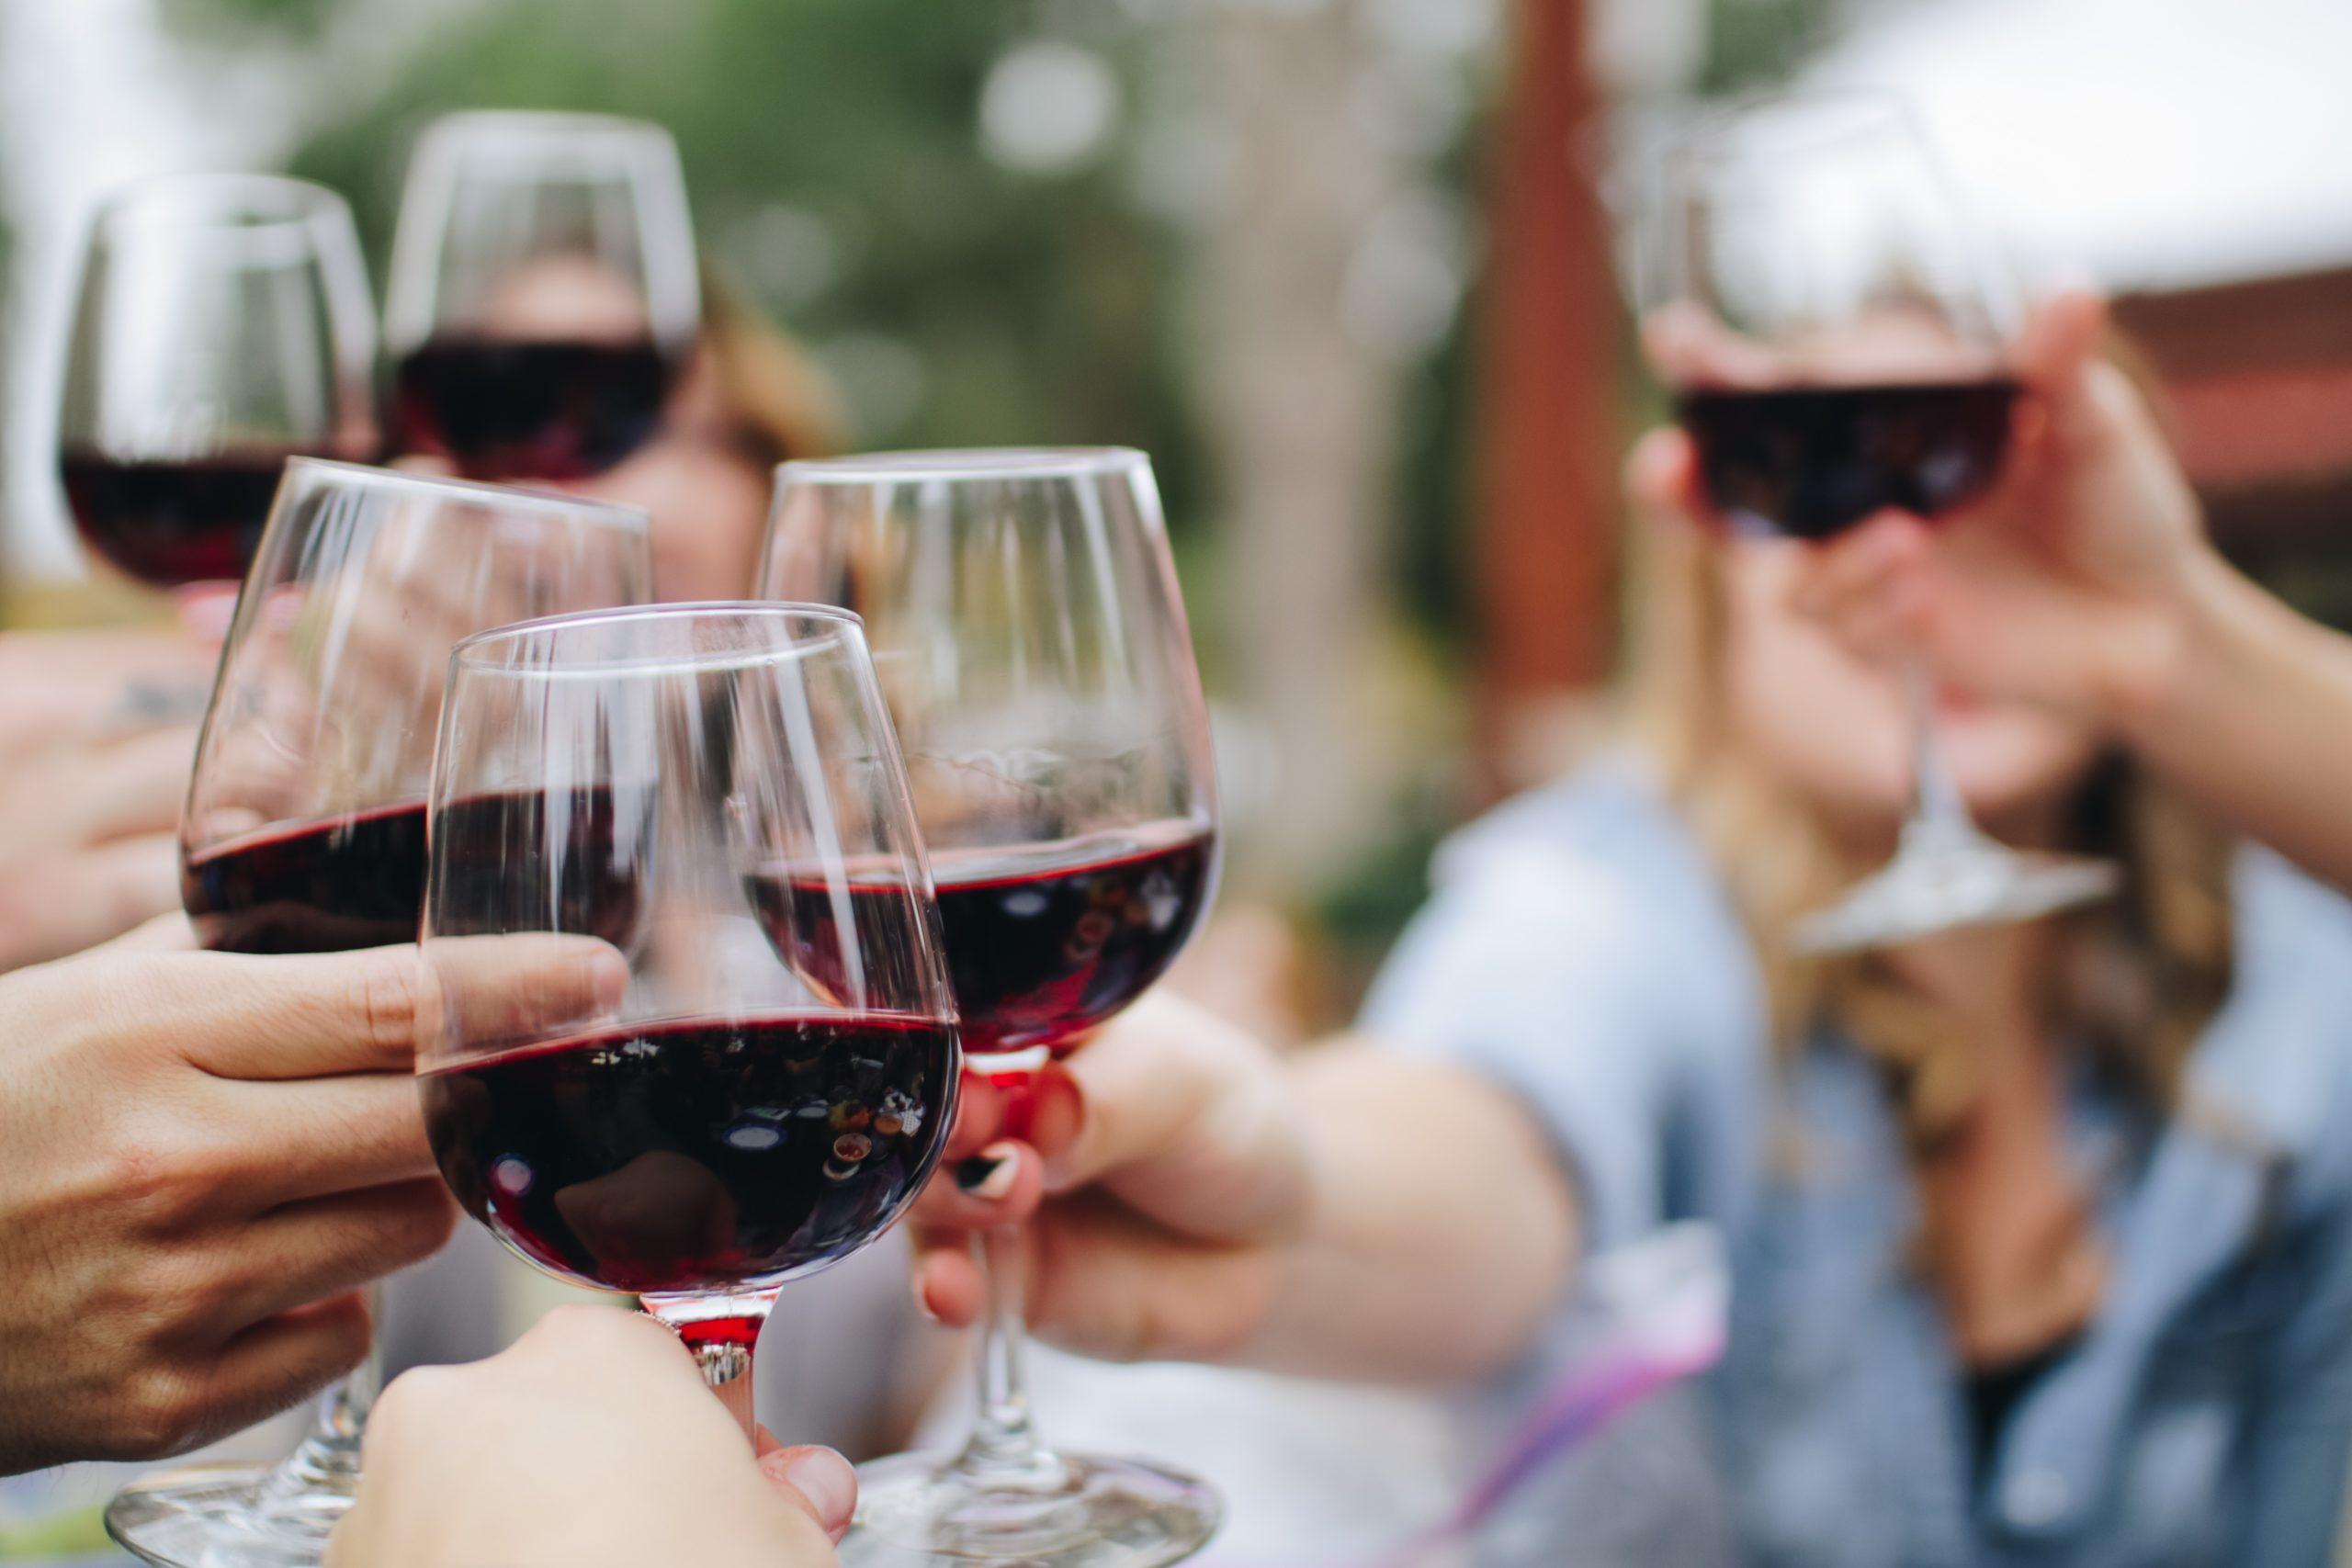 W-EET-je of je volgens de tafeletiquette mag klinken met glazen wijn?